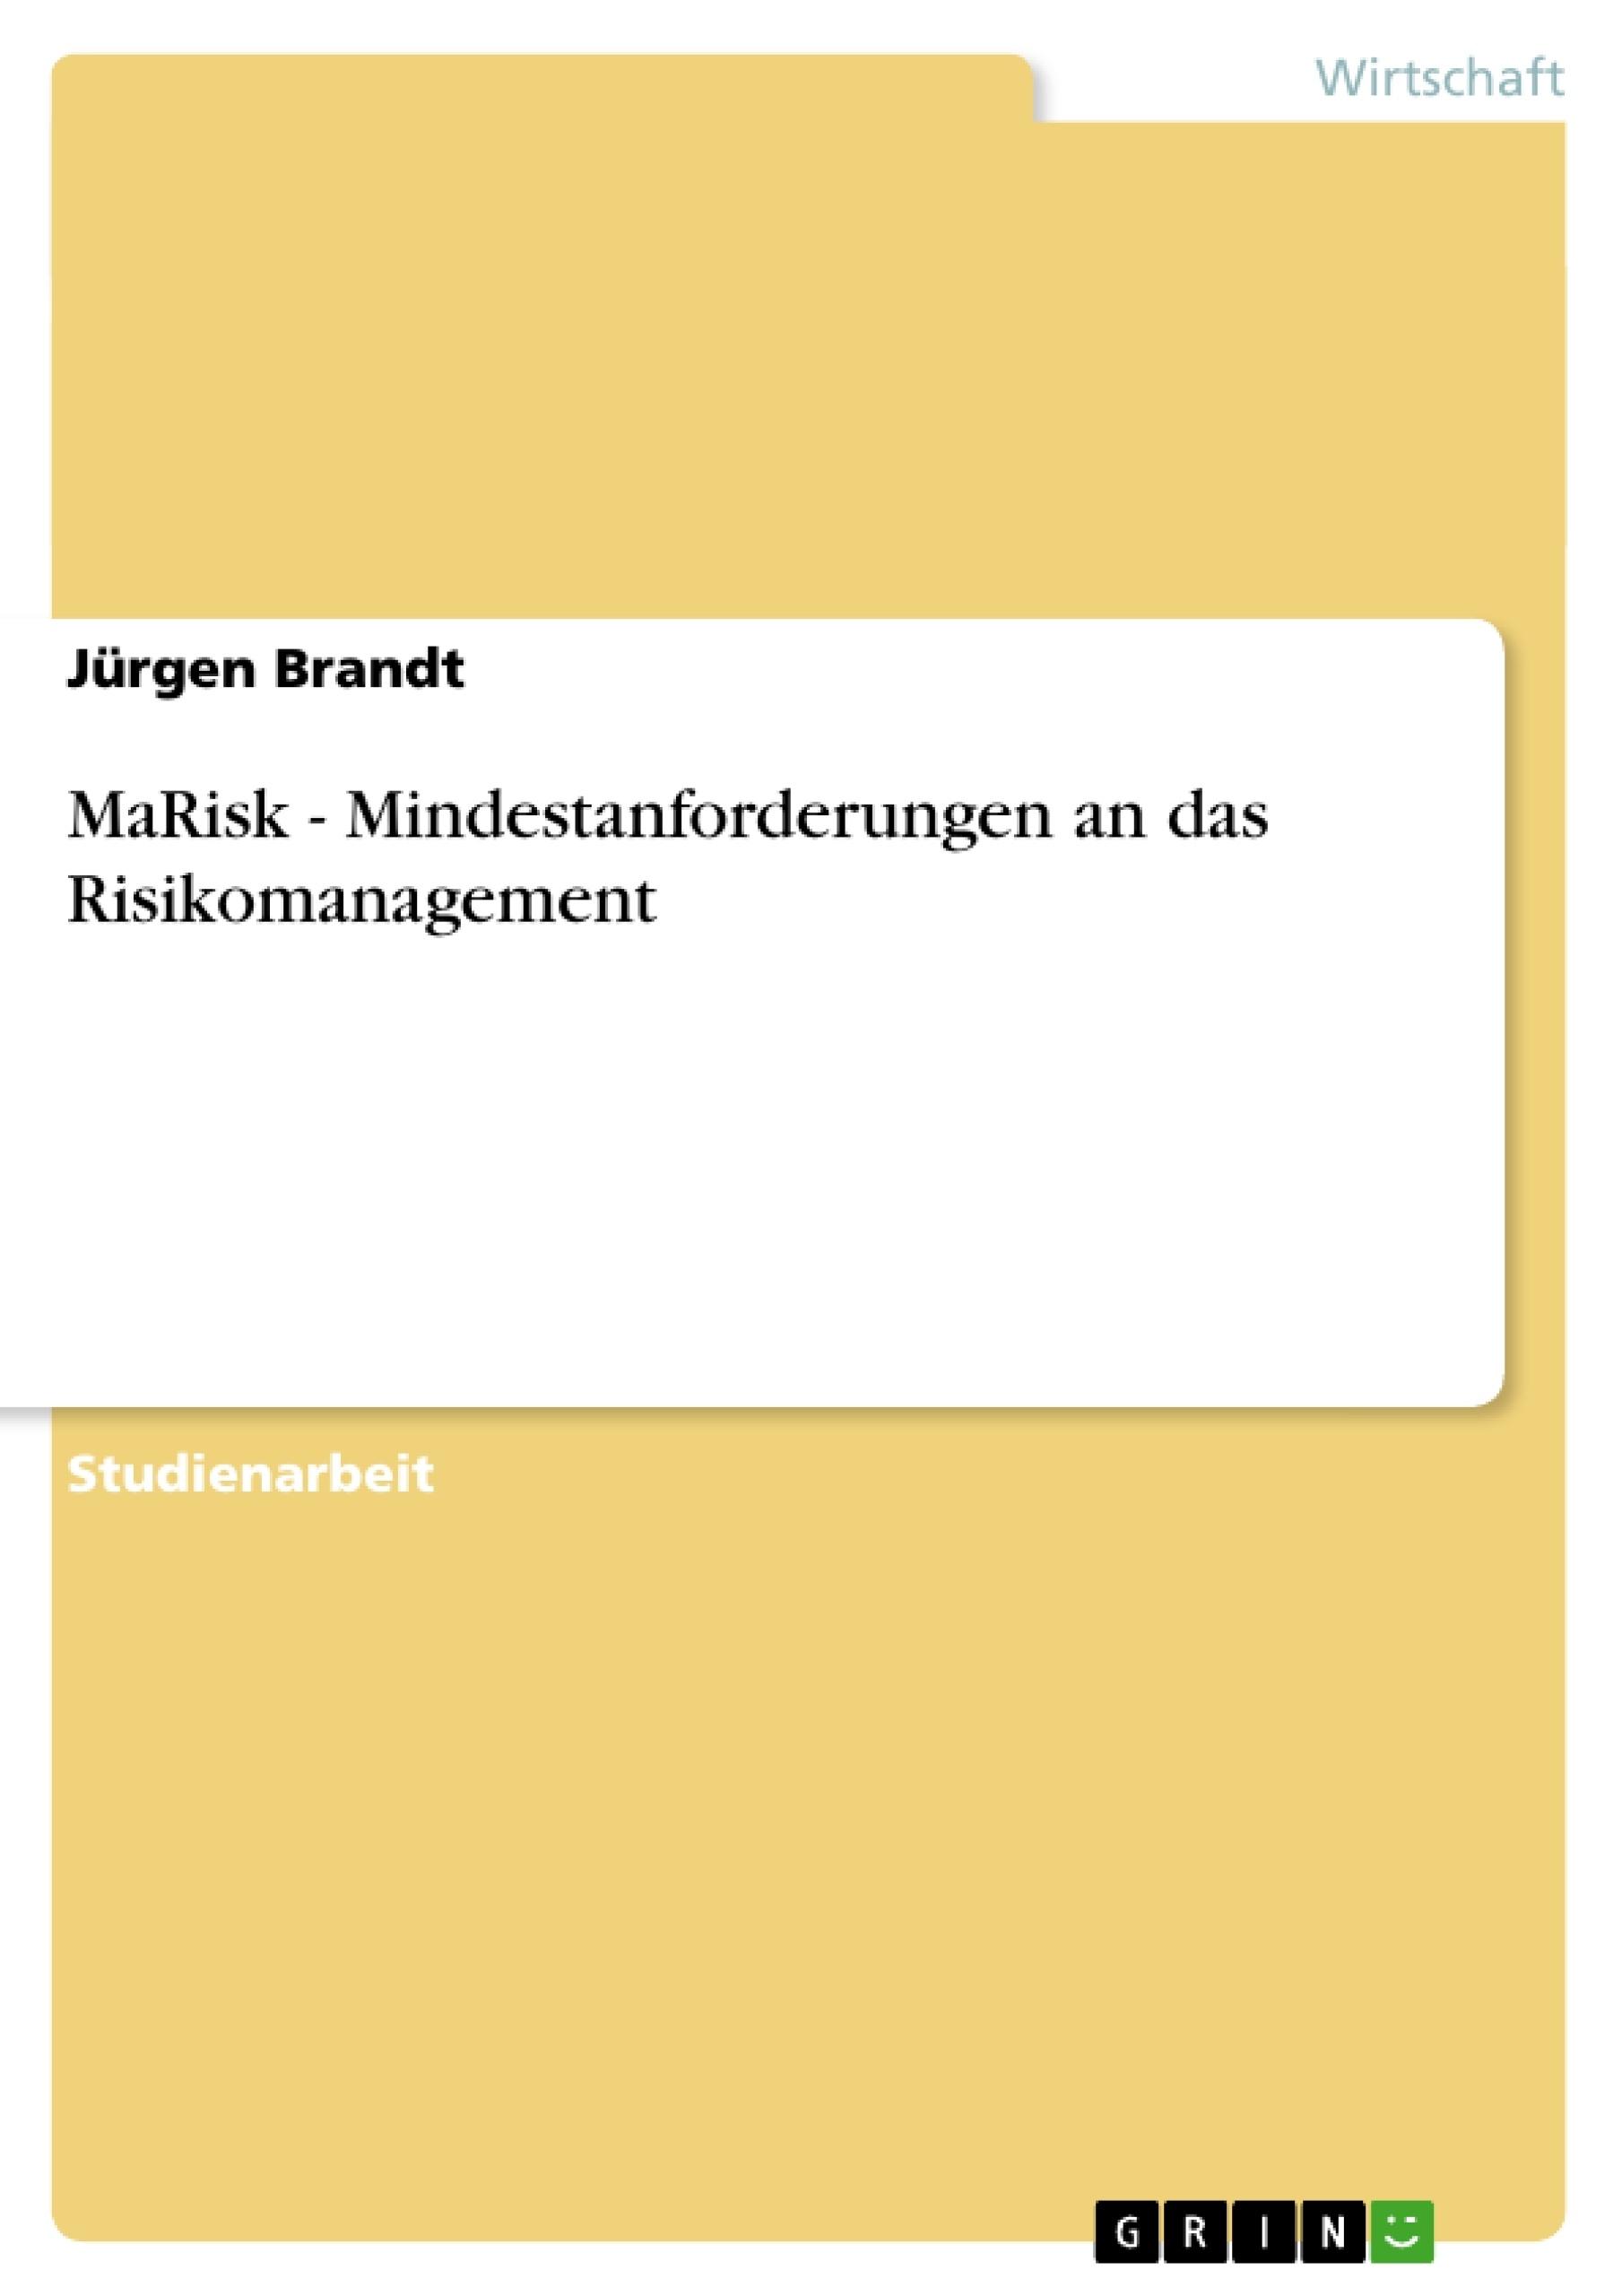 Titel: MaRisk - Mindestanforderungen an das Risikomanagement